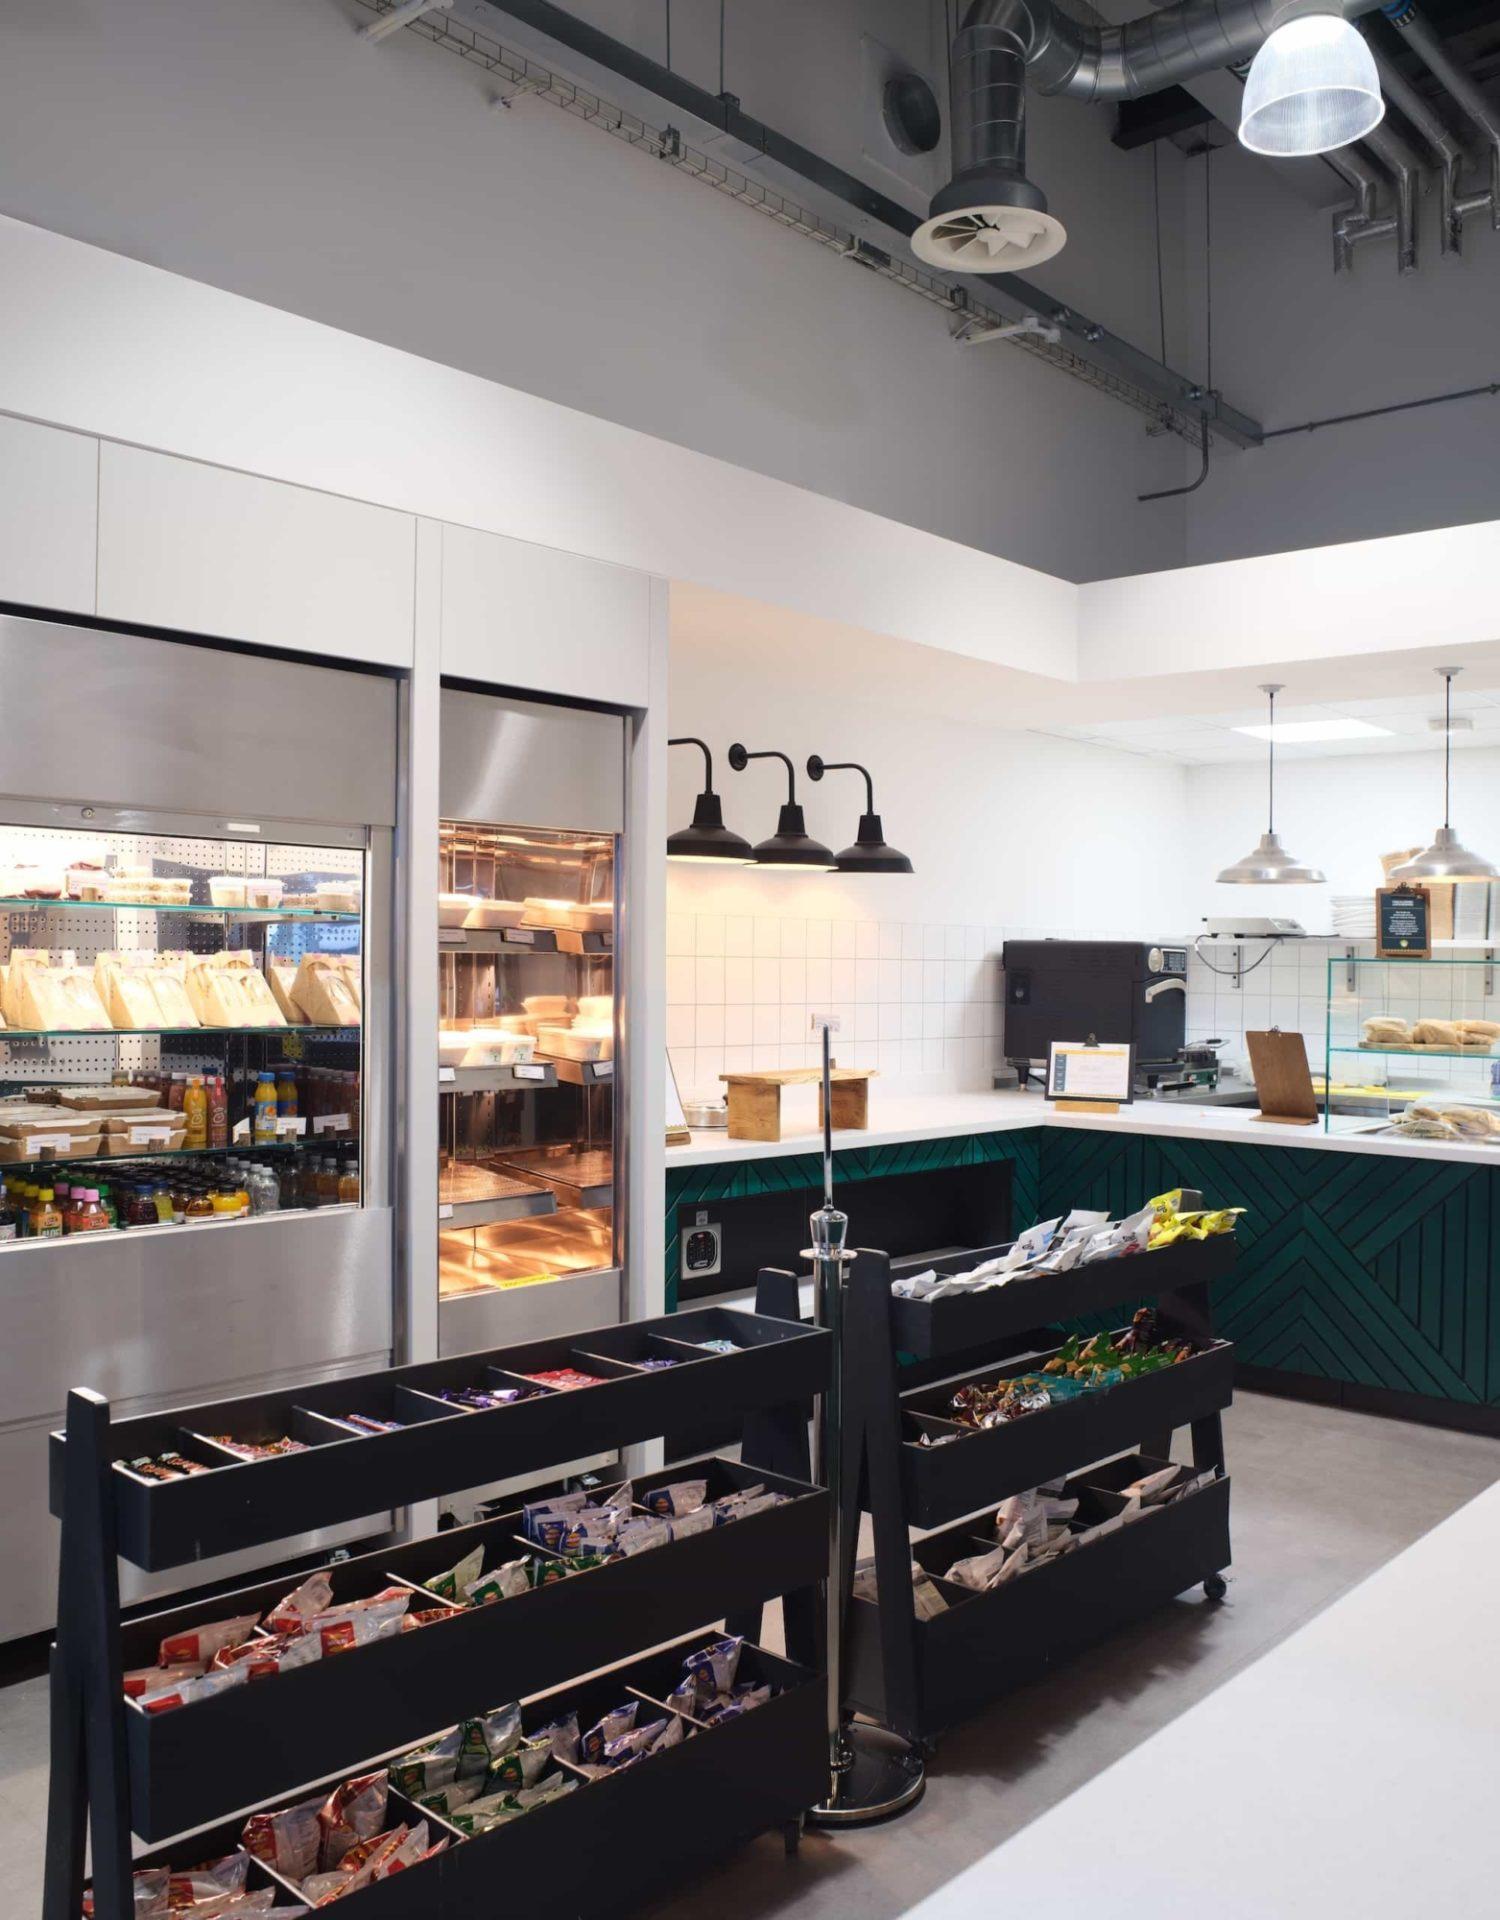 Lonza office kitchen design